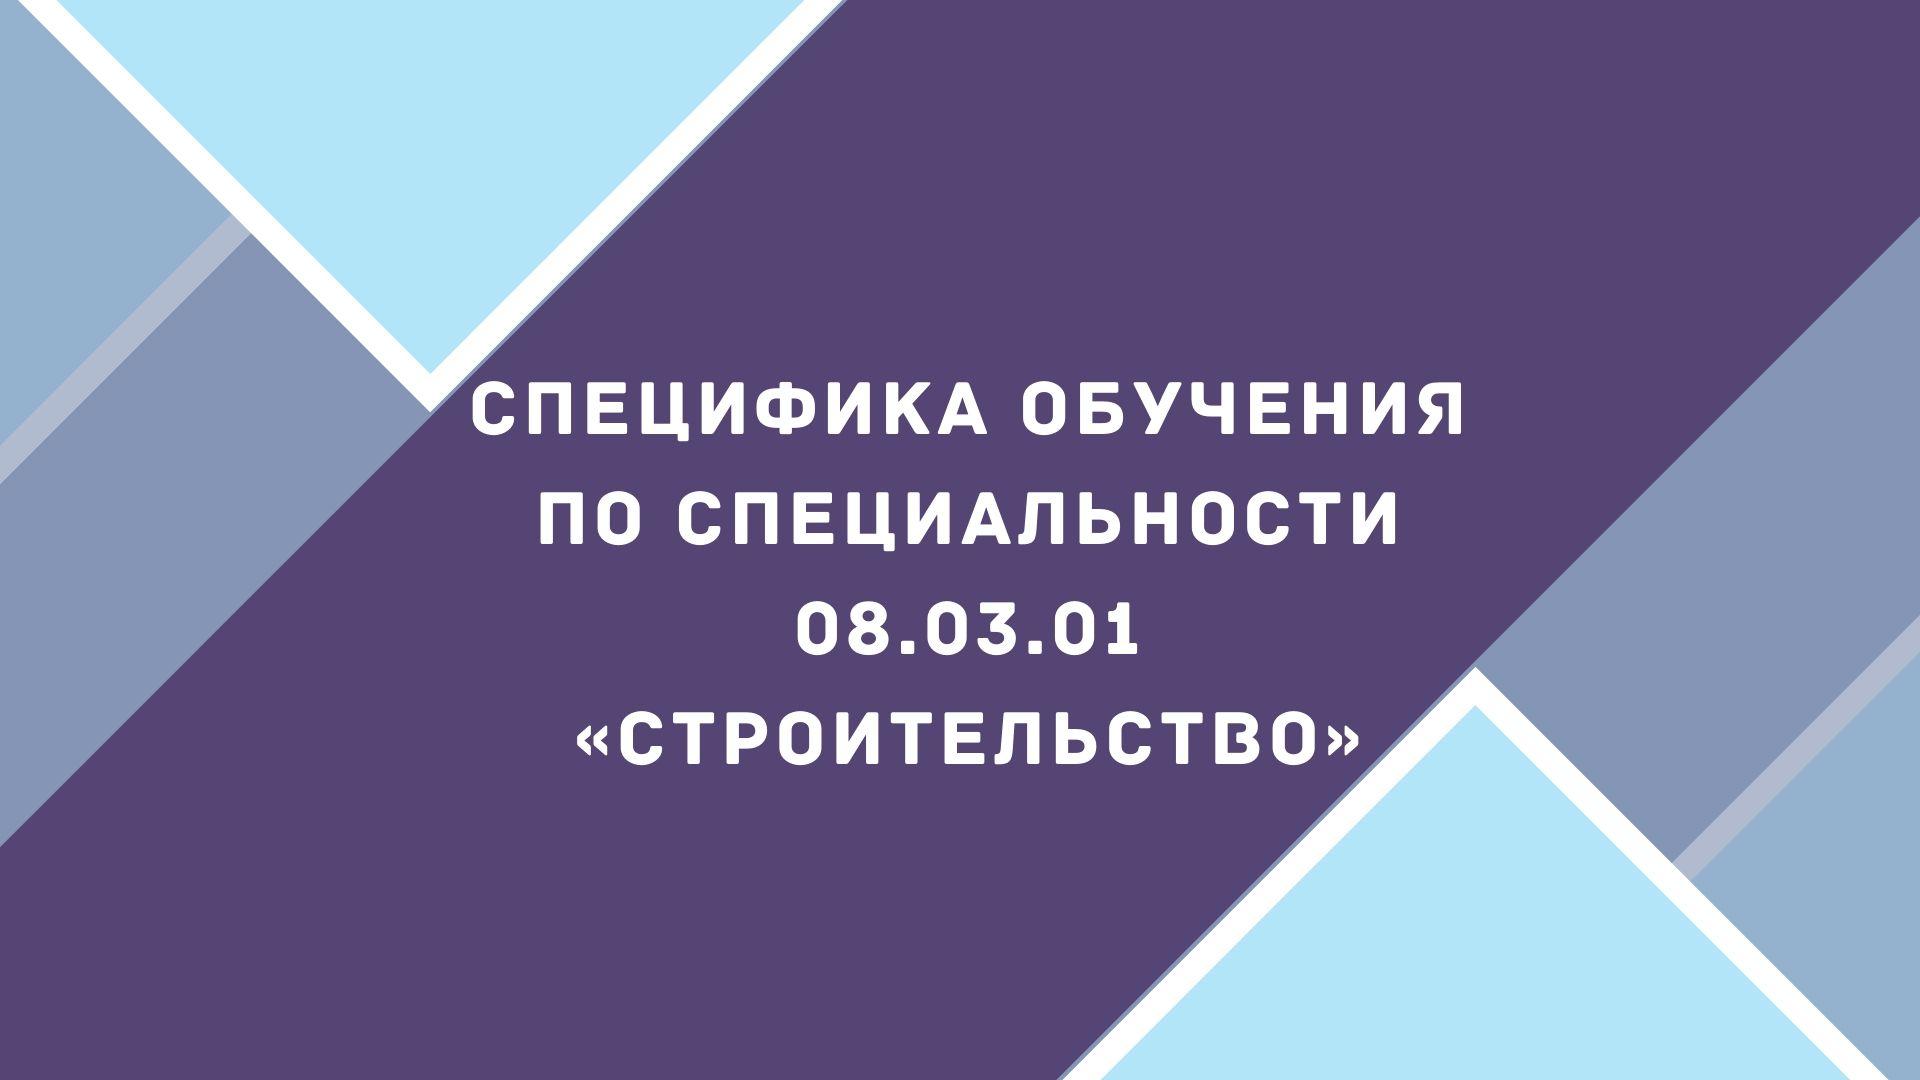 Специфика обучения по специальности 08.03.01 «Строительство»